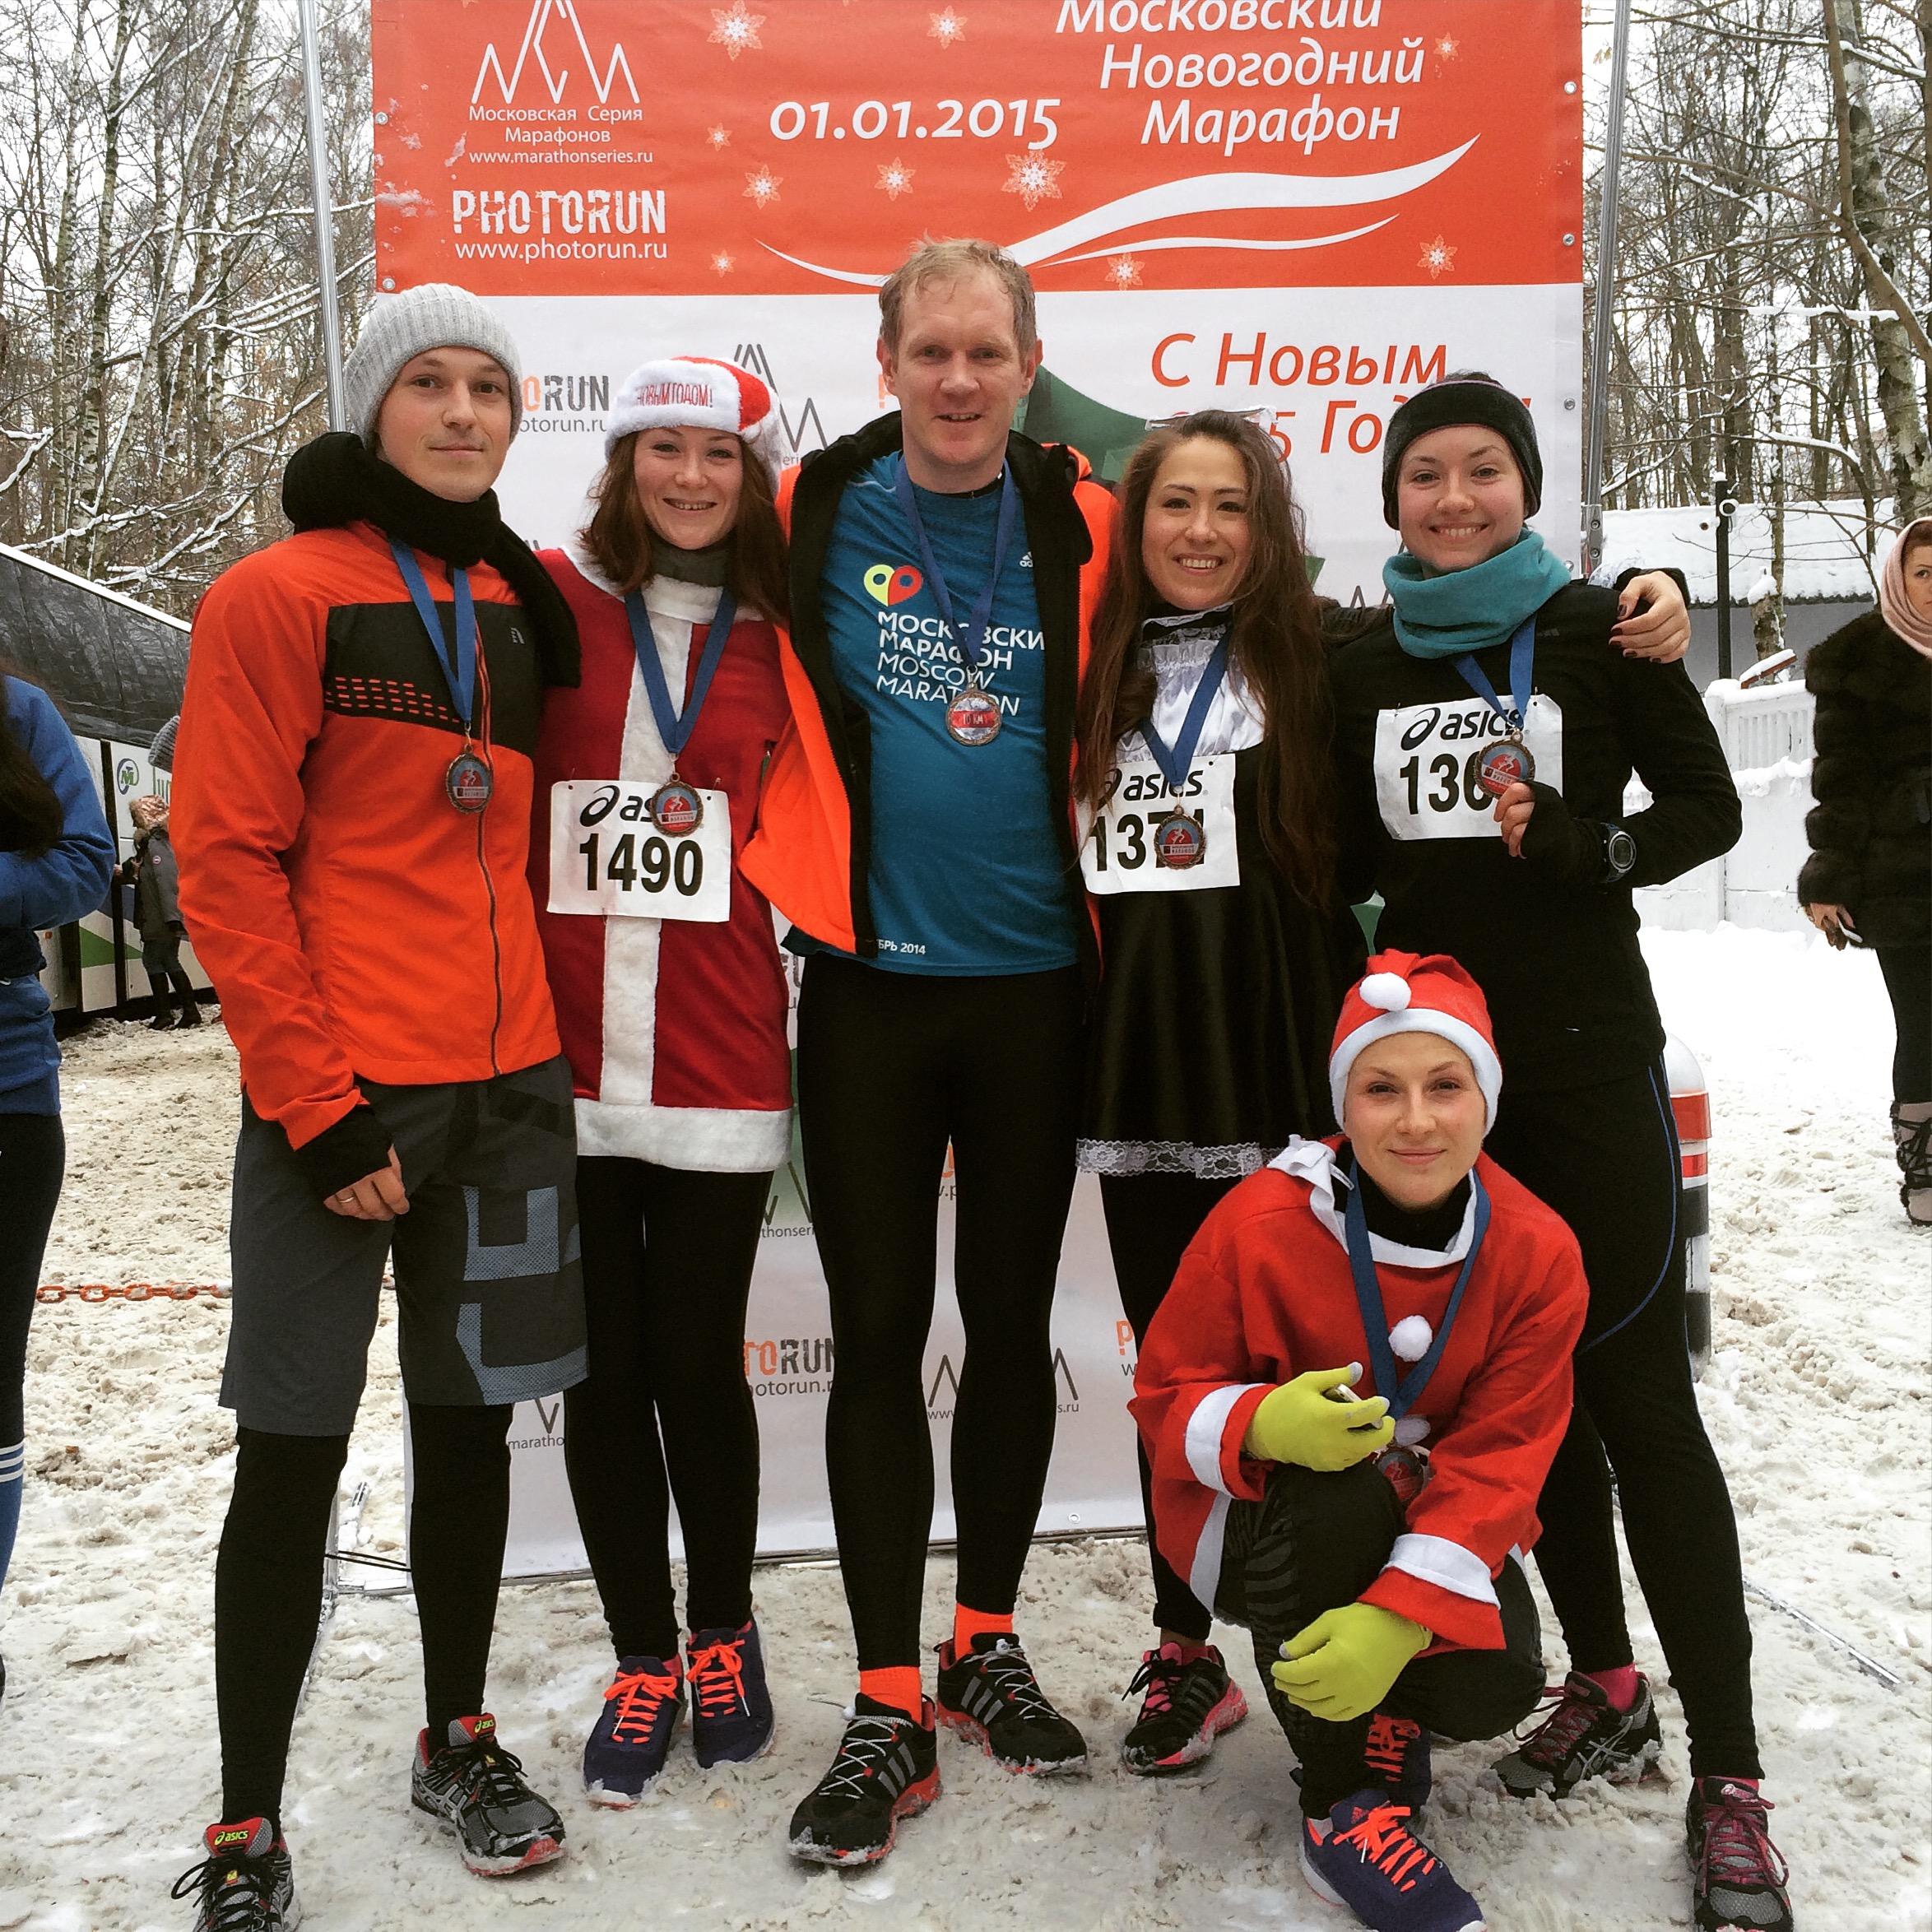 Леонид Бугаев - марафон